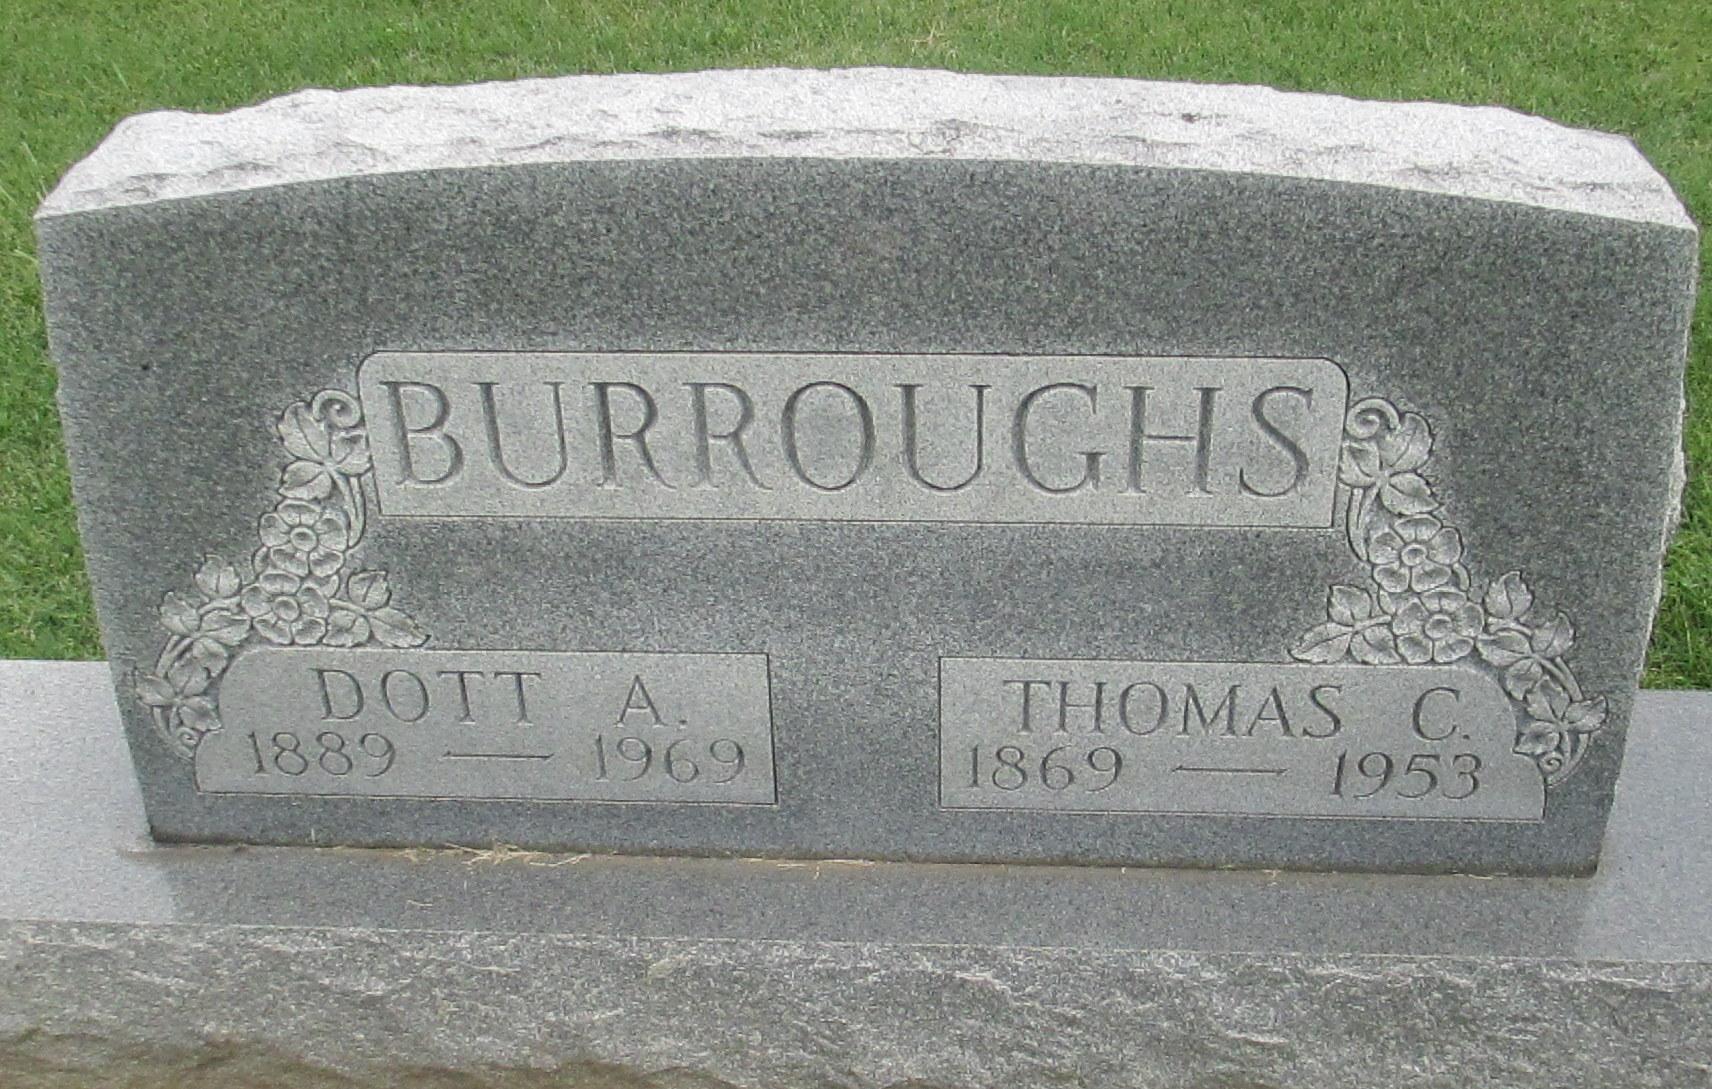 Dott A. Burroughs